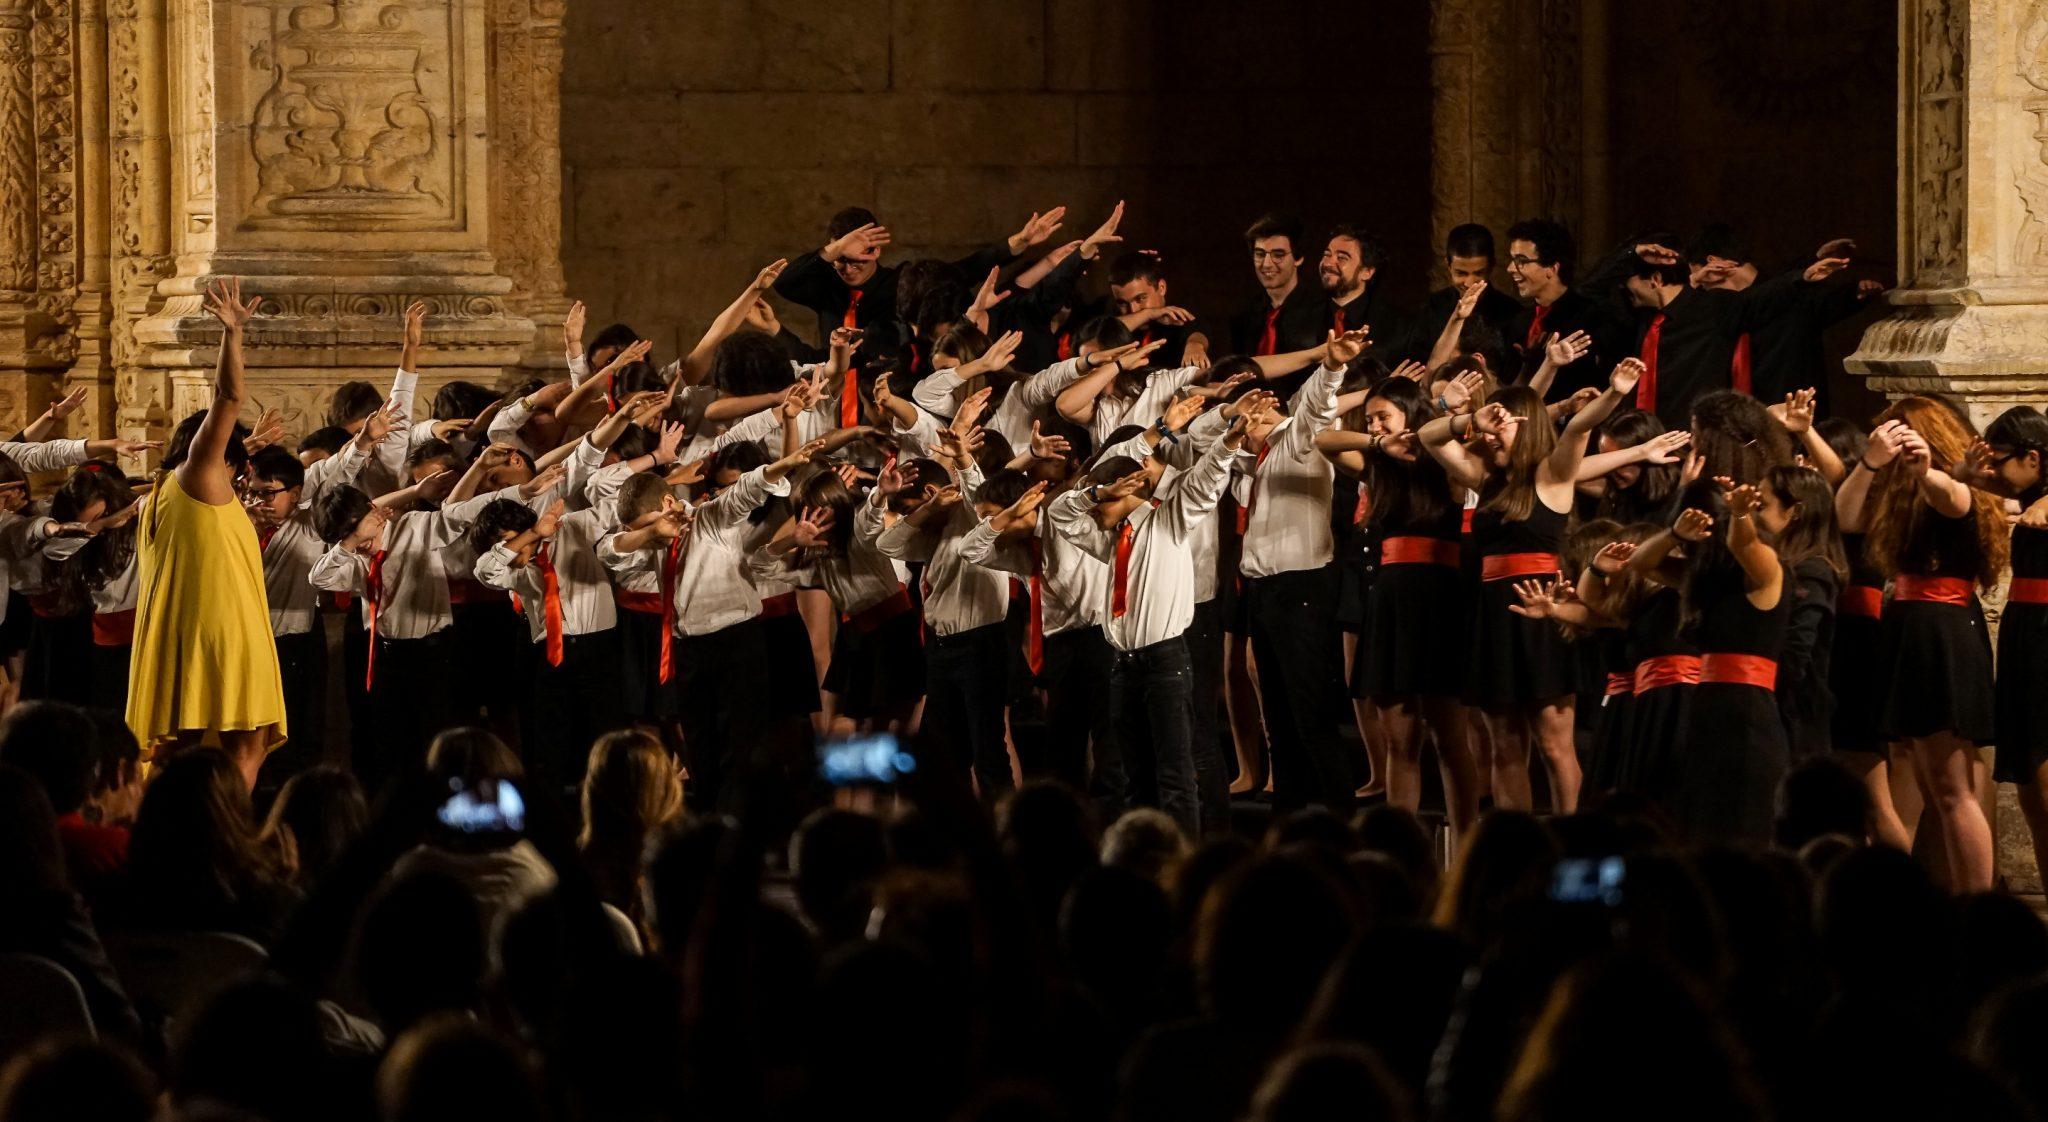 Crianças e jovens fazem o movimento conhecido como dab no final da sua atuação no Claustro do Mosteiro dos Jerónimos à noite